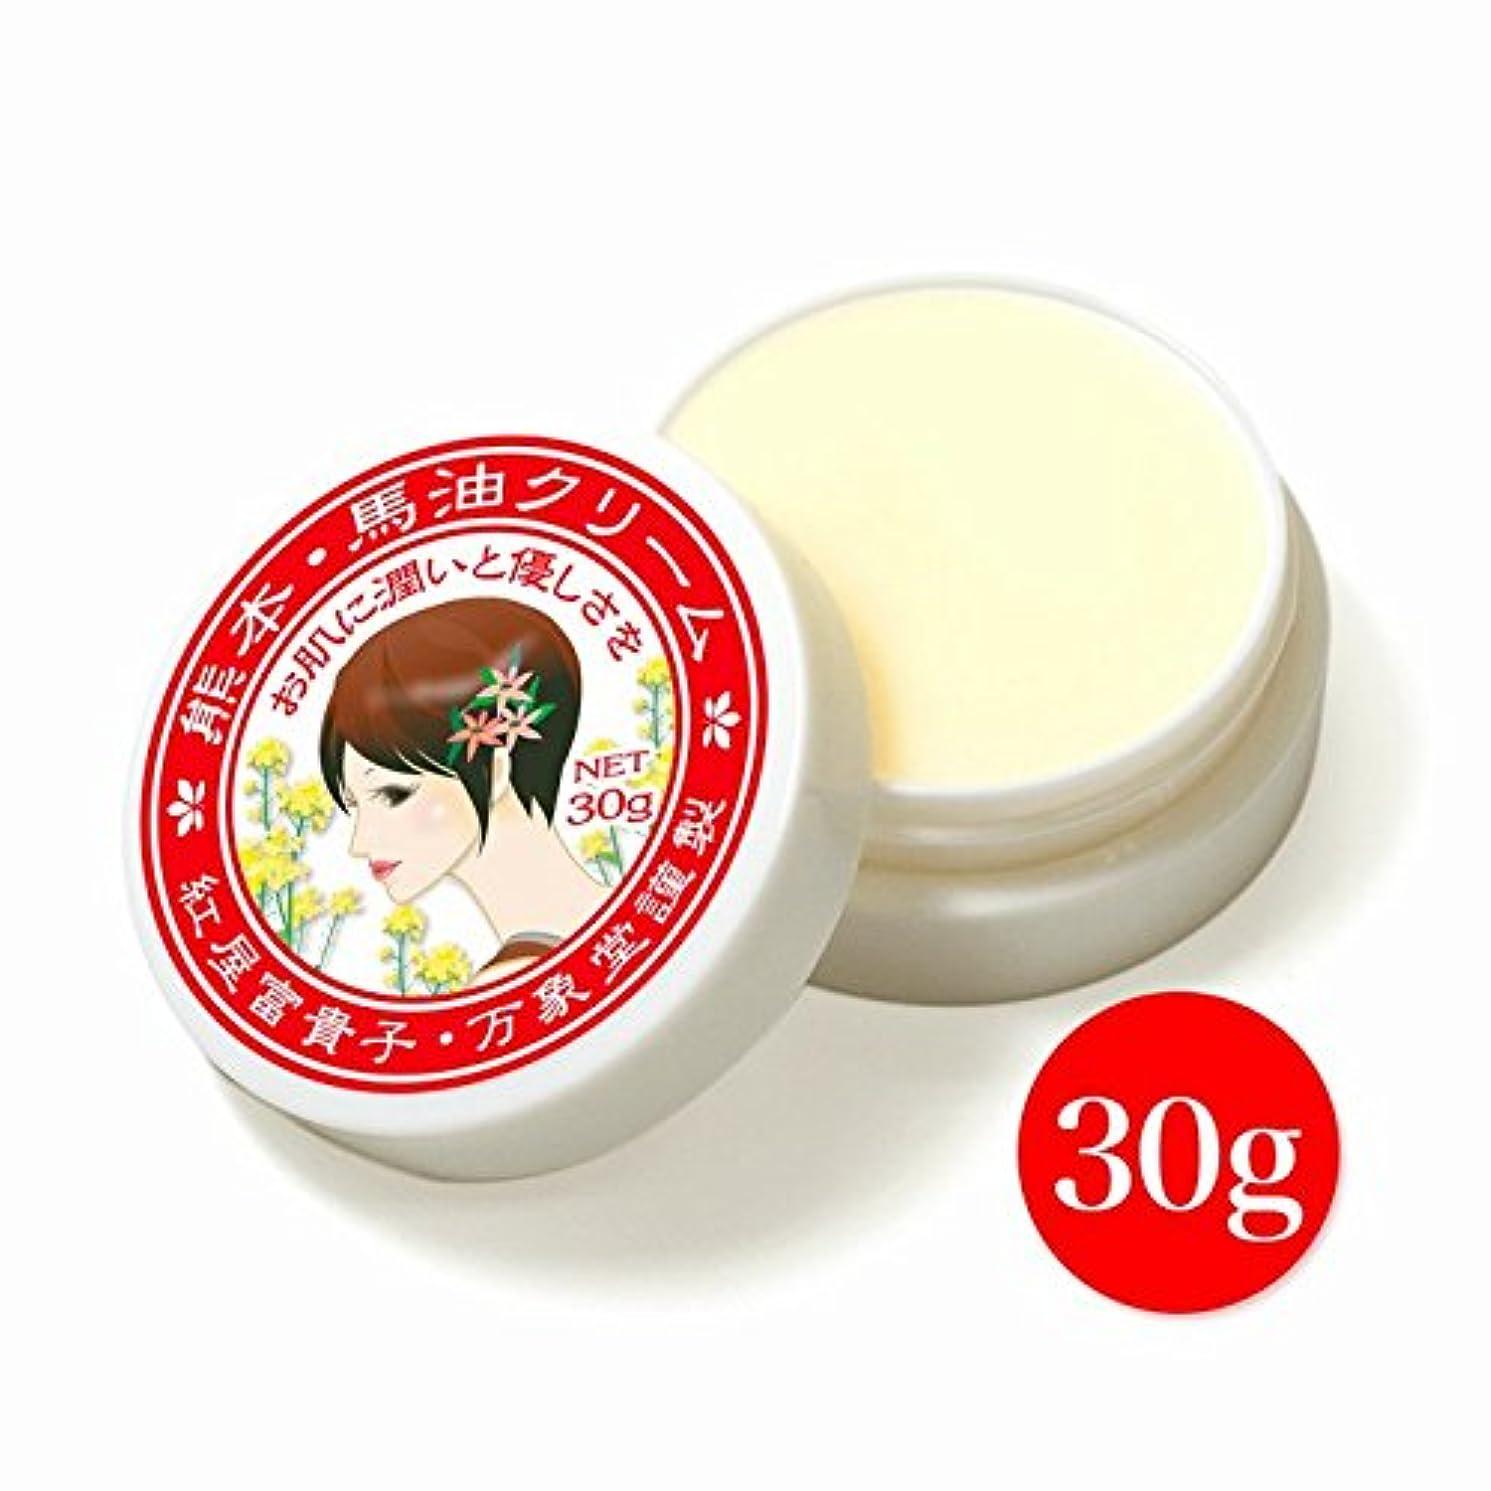 ホイスト強要キリン森羅万象堂 馬油クリーム 30g (ラベンダーの香り)精油 アロマ 国産 保湿 スキンクリーム